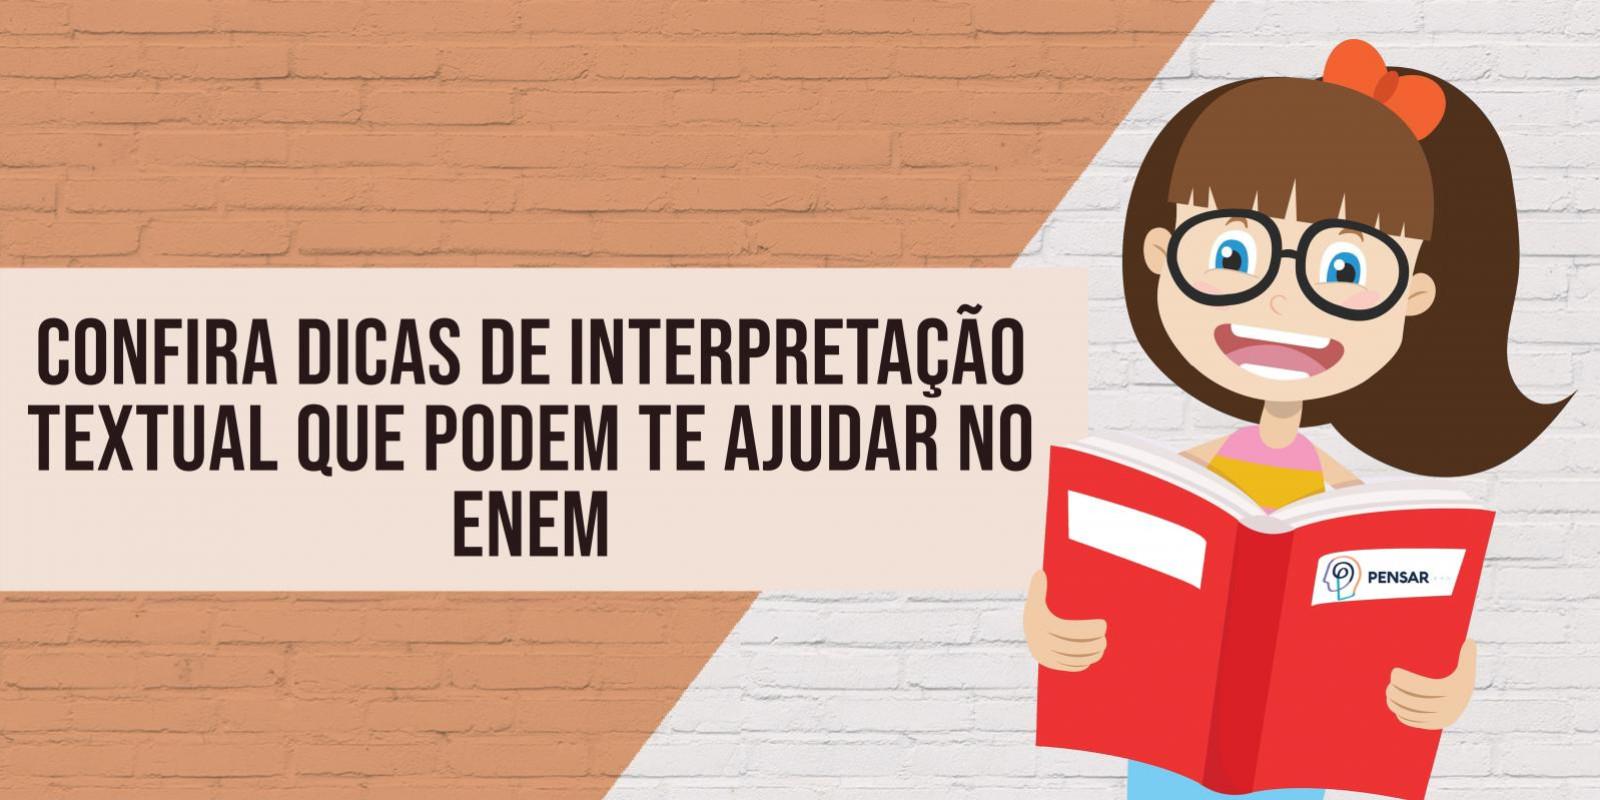 Confira dicas de interpretação textual que podem te ajudar no ENEM